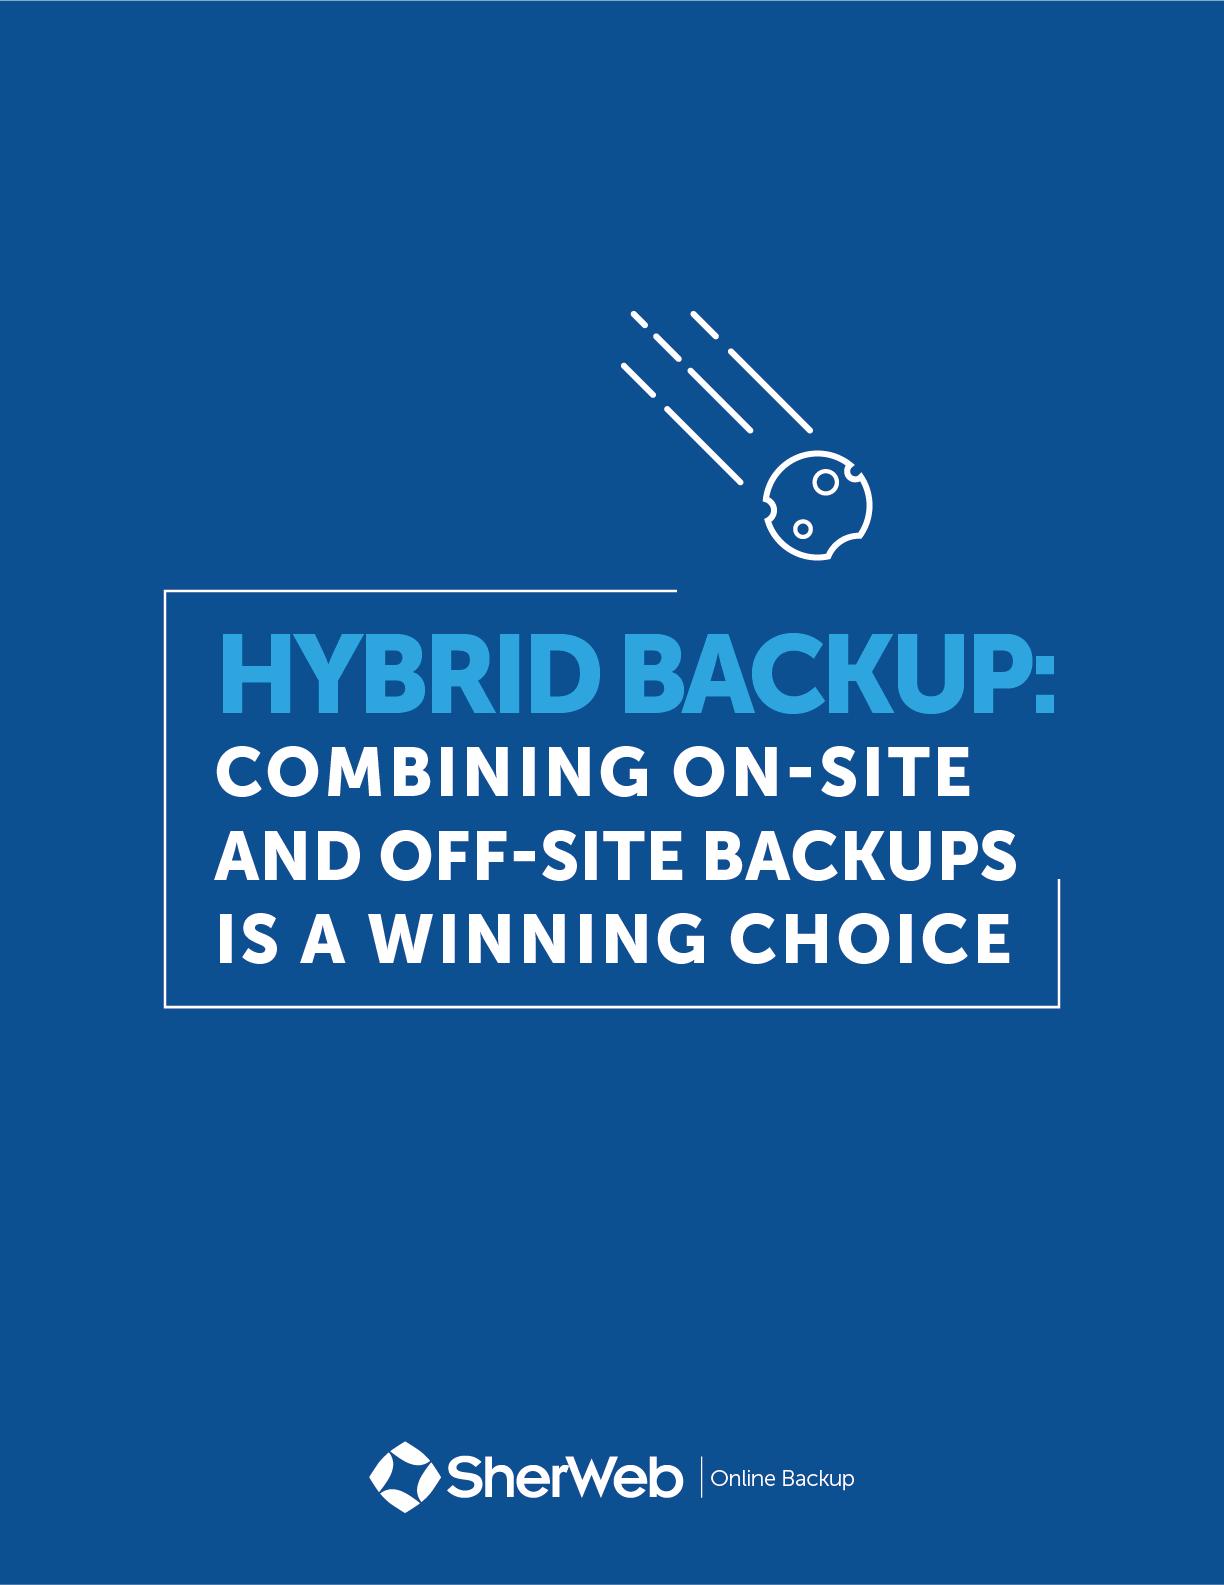 Une approche hybride est la stratégie parfaite pour la reprise d'activités